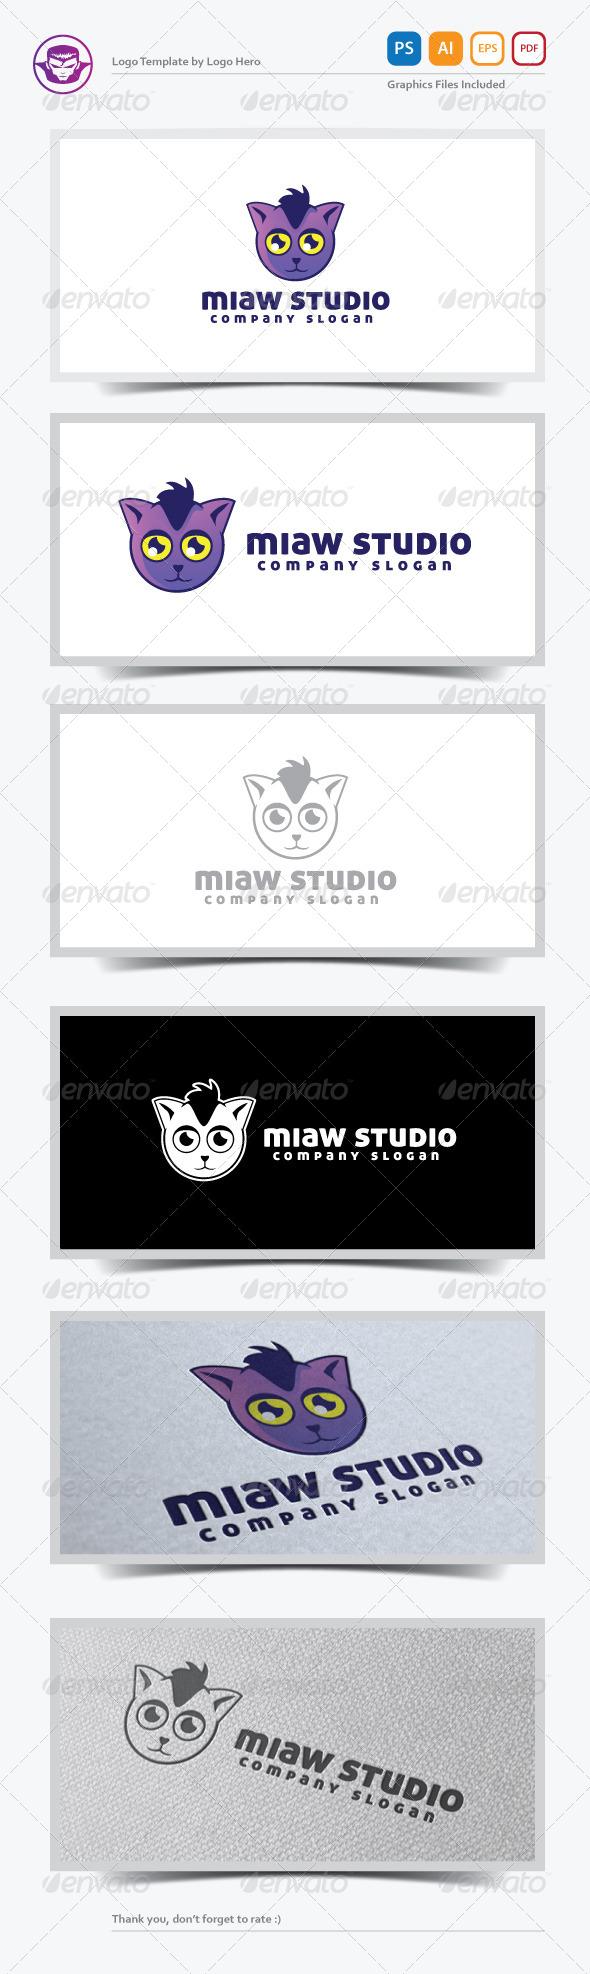 GraphicRiver Miaw Studio Logo Template 5466312